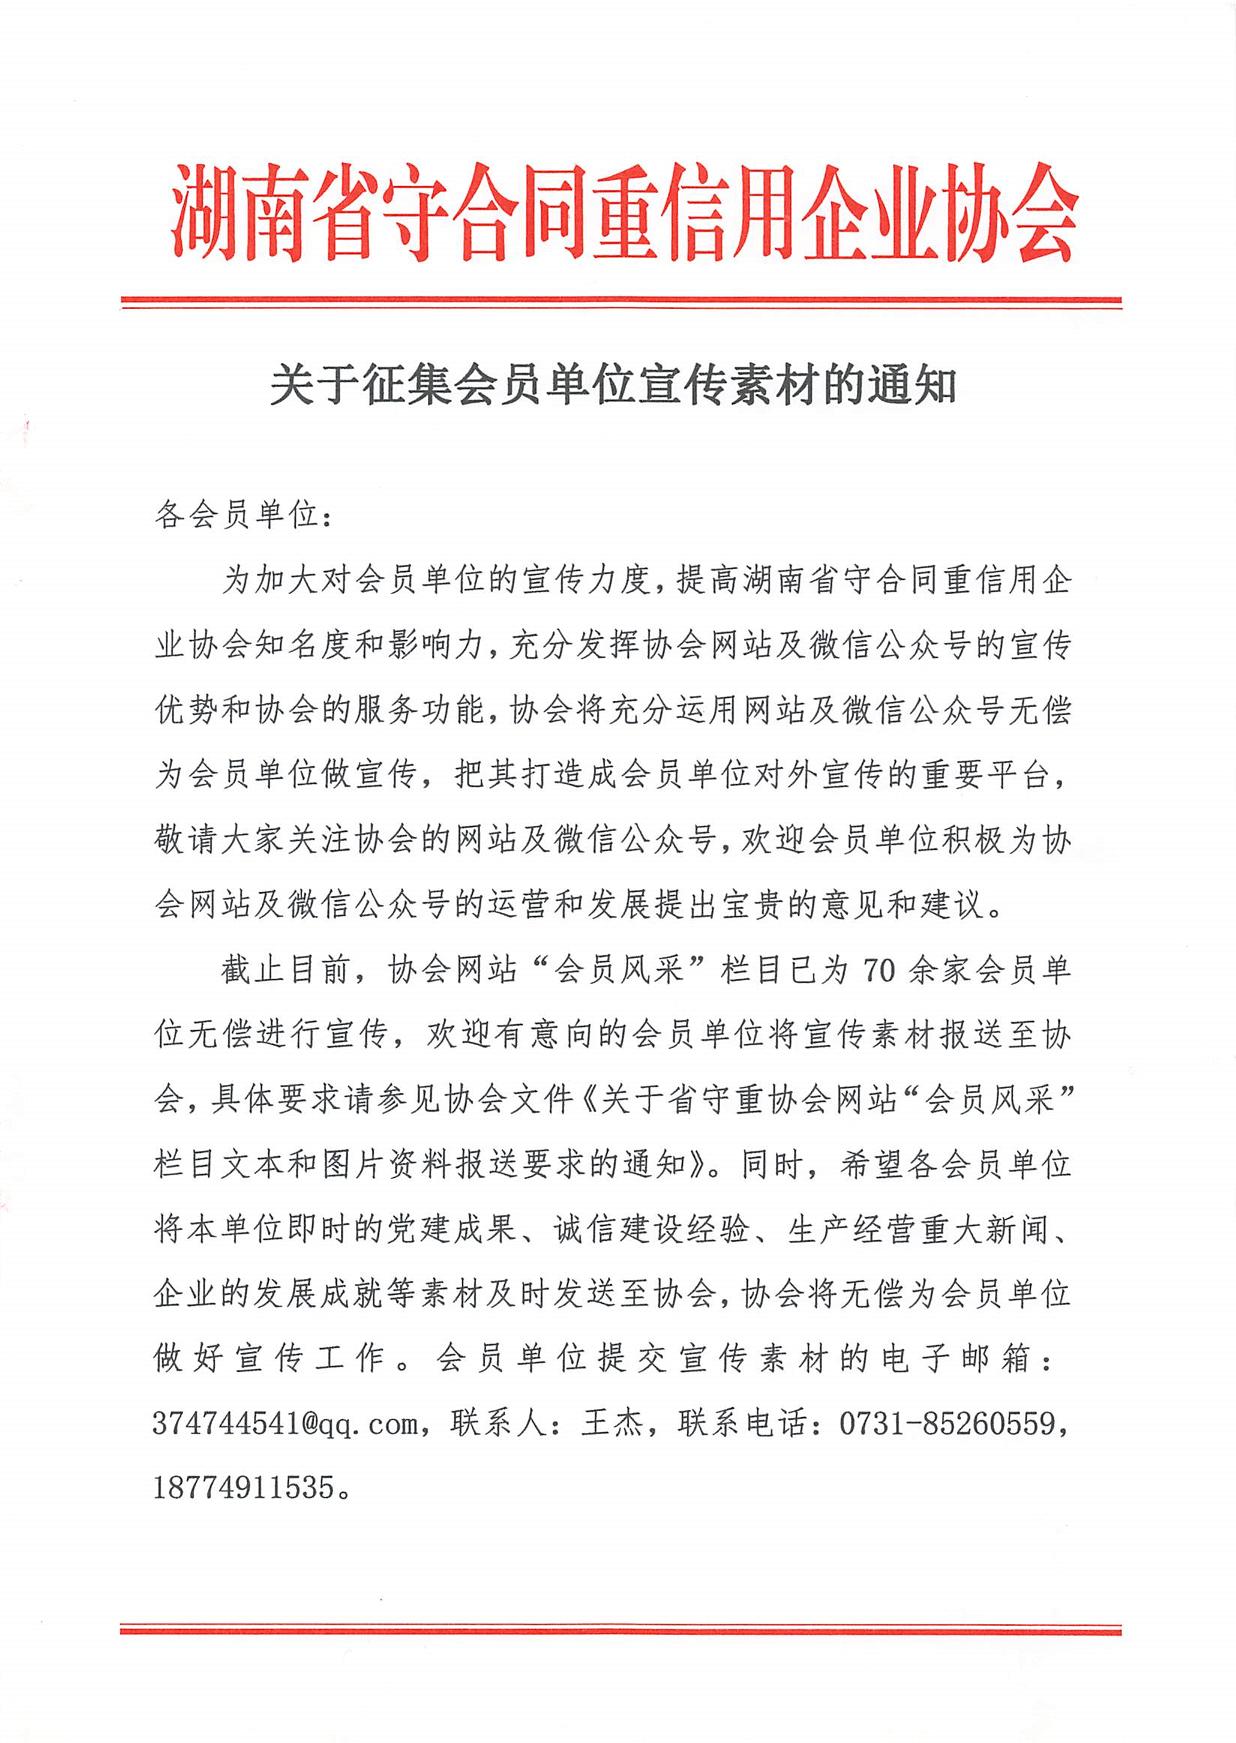 关于征集会员单位宣传素材的通知_1.png